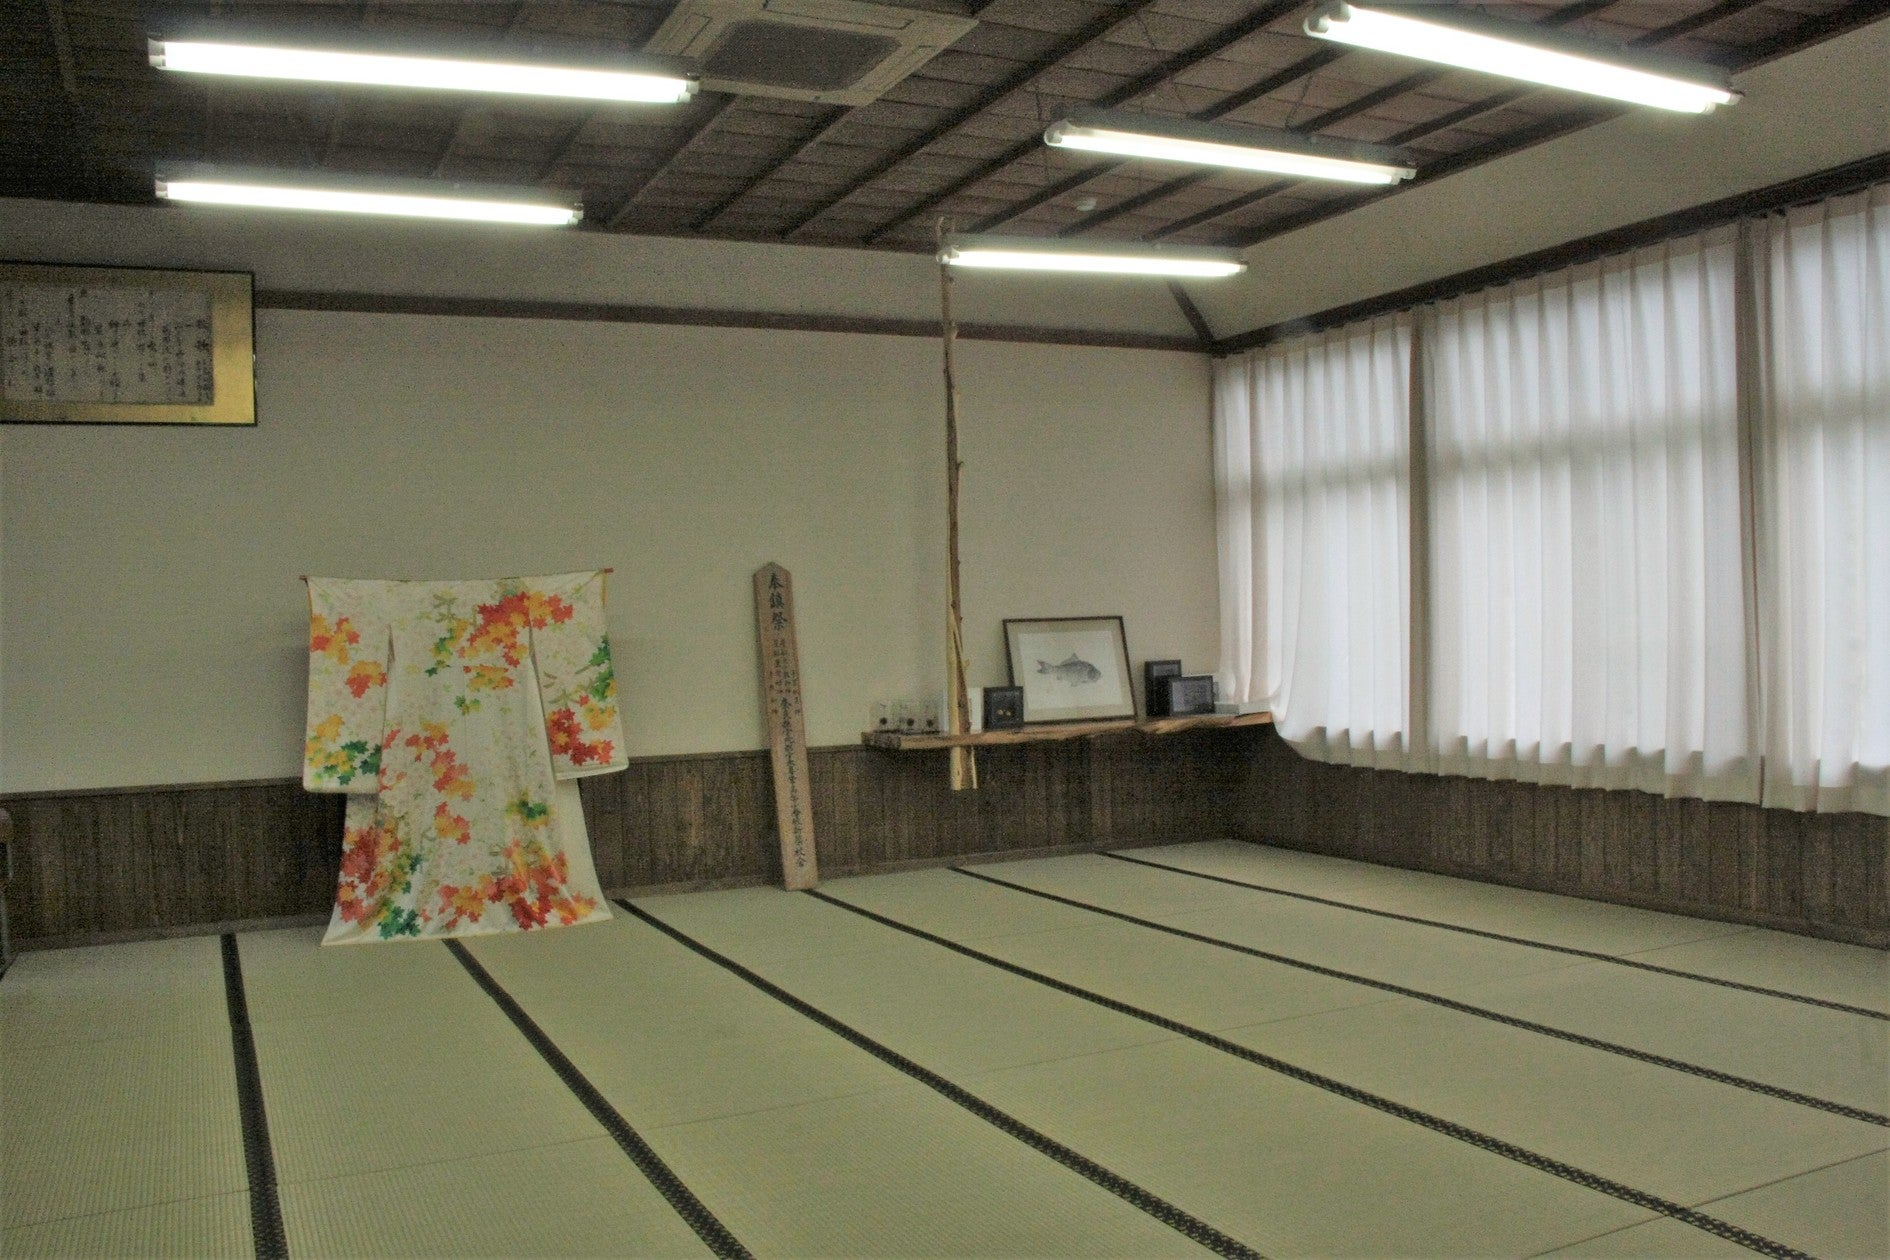 教室を改装した和室!撮影、同窓会・イベント利用など大歓迎/ 営業9:00-17:00(旧・宇太小学校(奈良カエデの郷ひらら)) の写真0